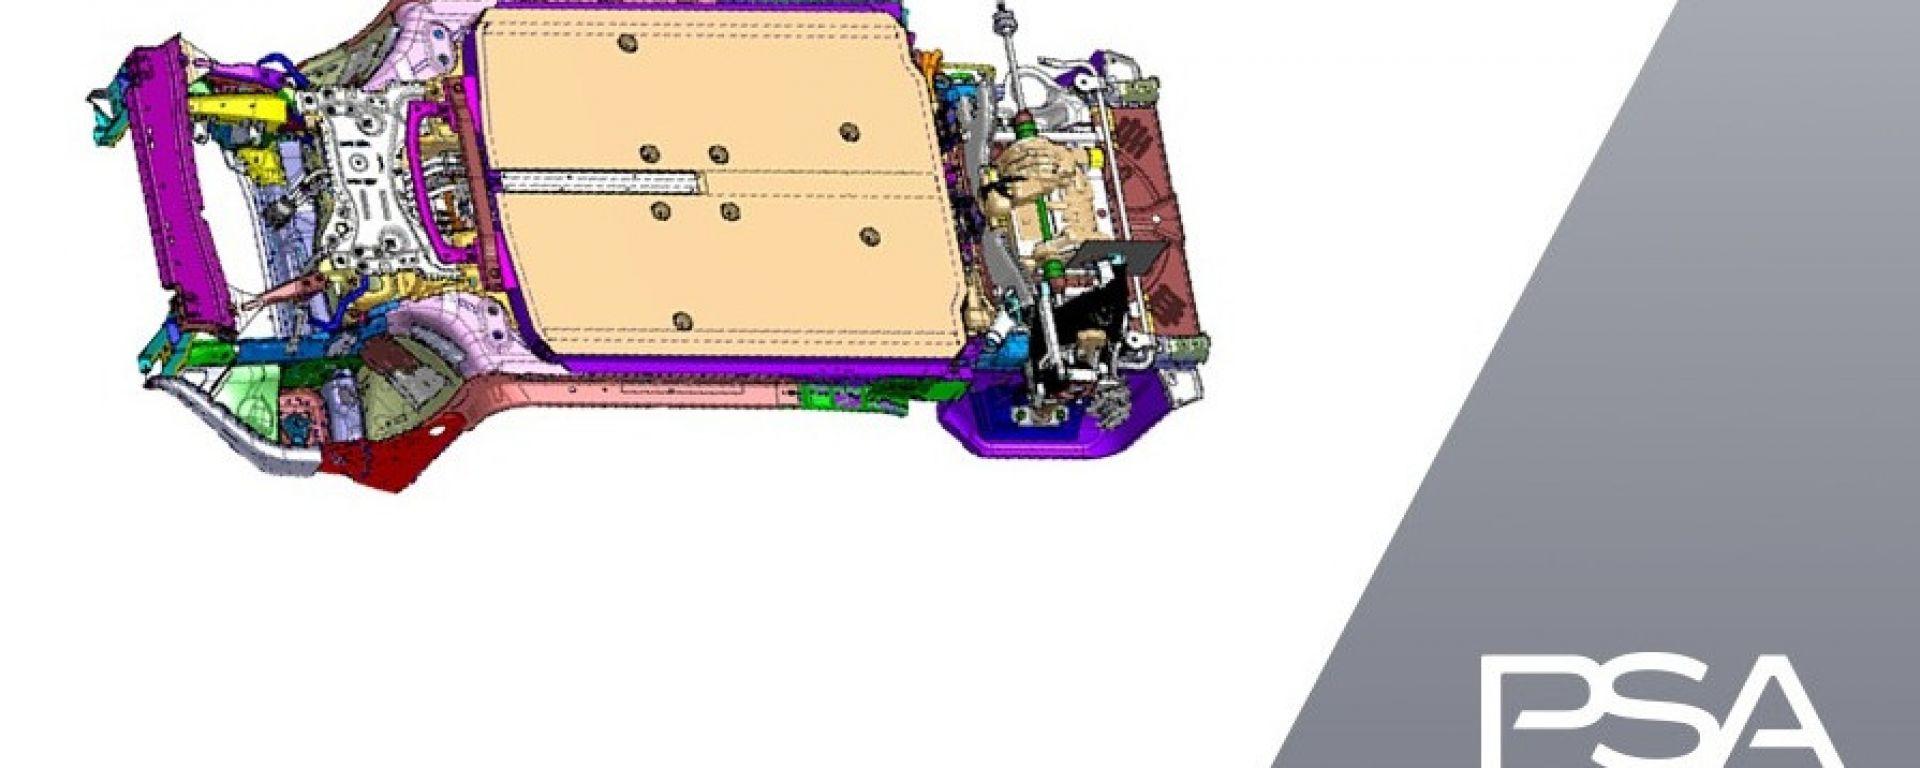 Gruppo PSA presenta la nuova piattaforma modulare eVMP